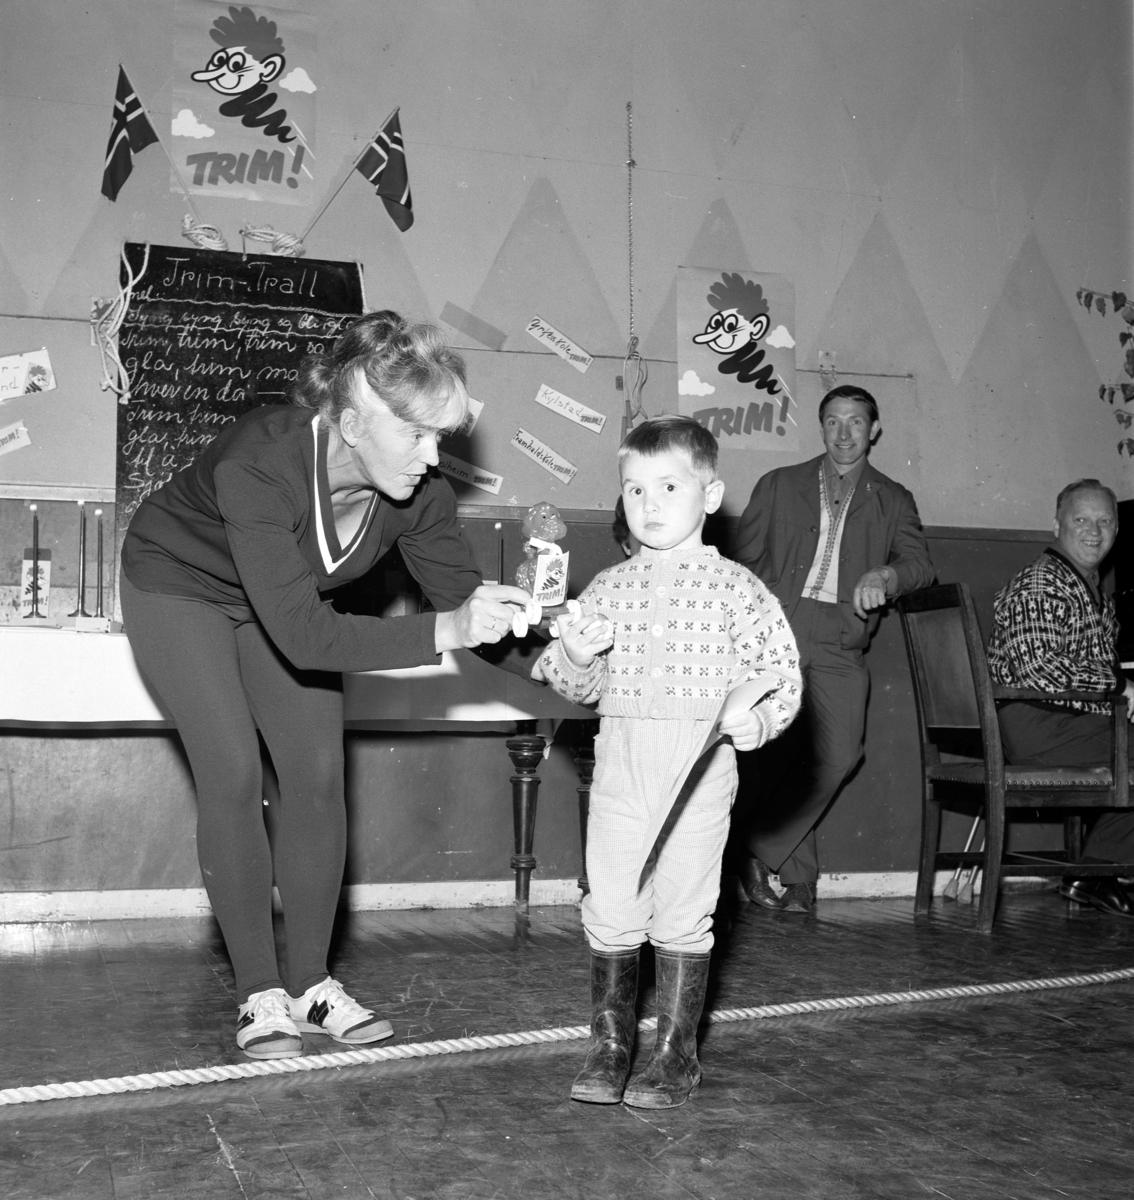 """Situasjonsbilder, Dala-Trim. Sveum. Oktober 1967. """"Trimiann"""" aksjonen. Julie Alfstad, utdeling av diplomer. Julie Allfstad, Ukjent, Didrik Smalberget, Carstens. Brumunddal."""